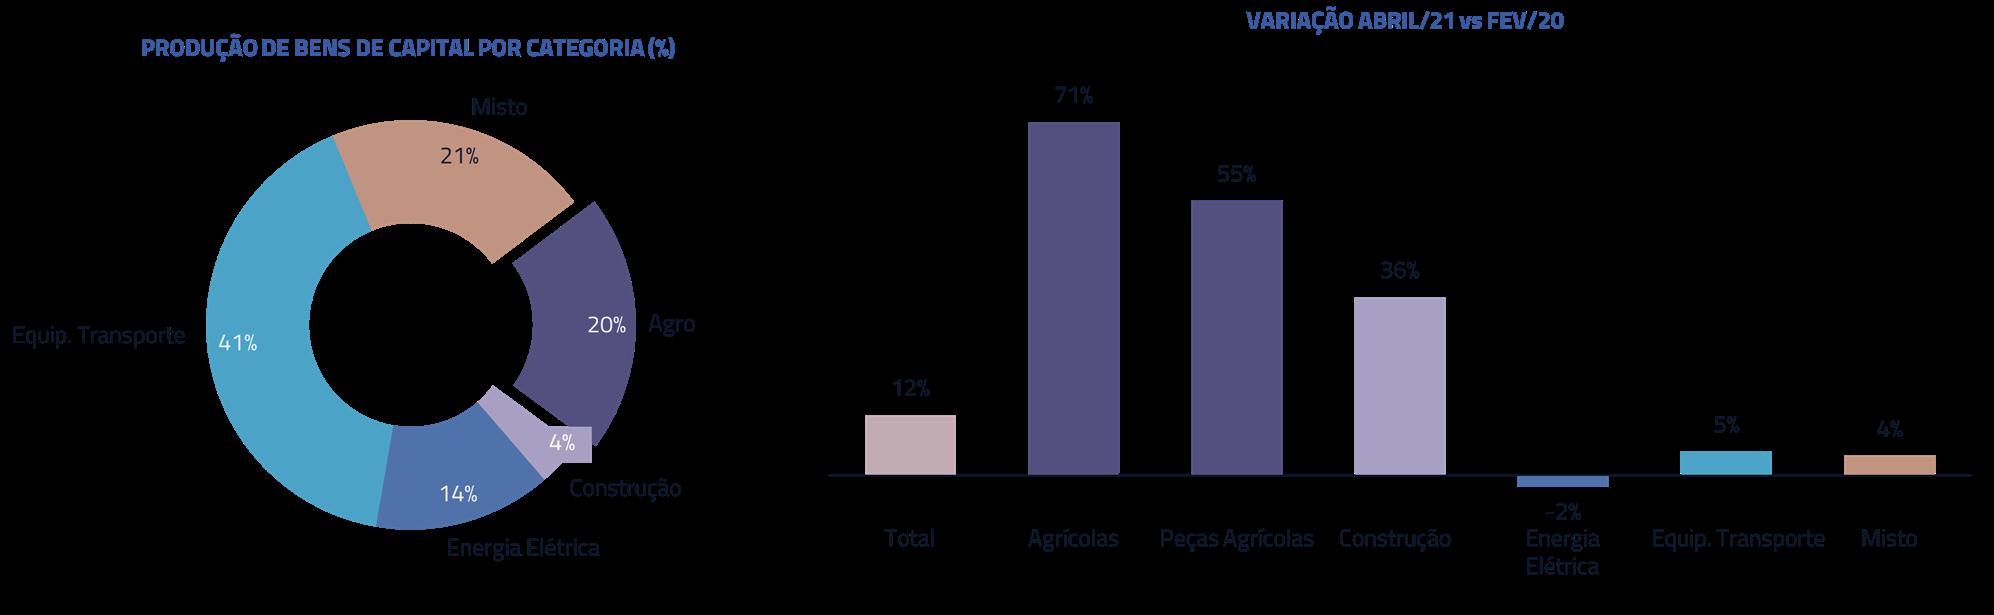 Produção de bens de capital por categoria | Variação Abril/21 vs Fev/20